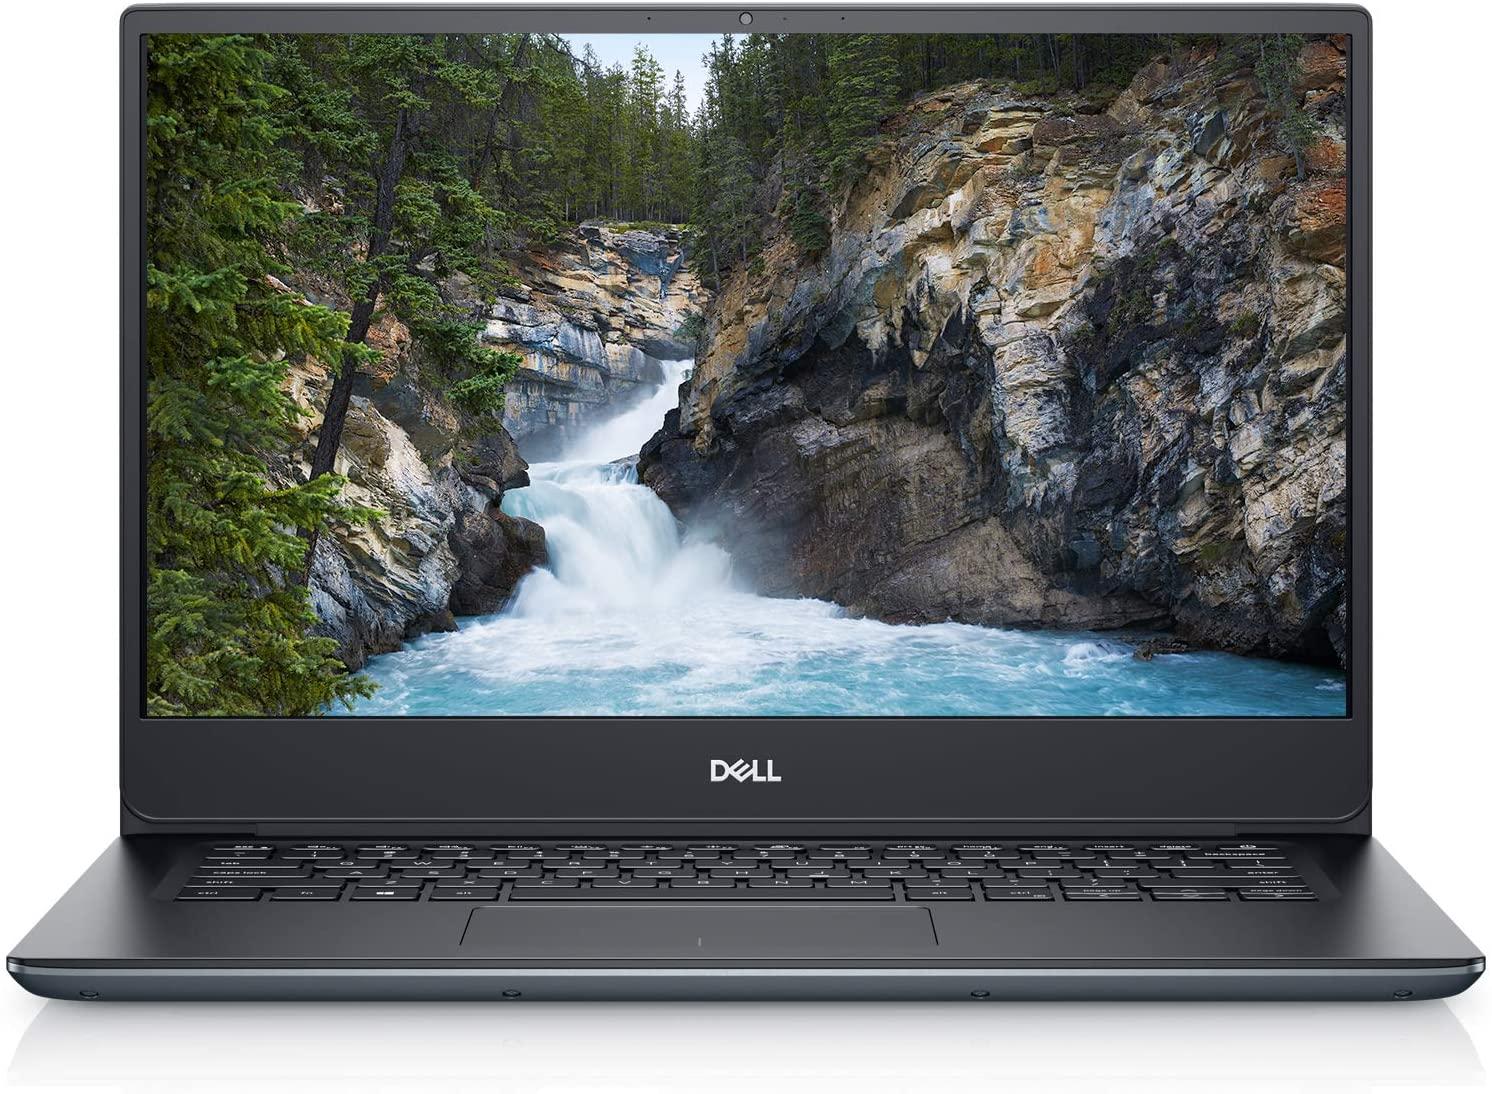 Dell Vostro 14 5490, 10th Generation